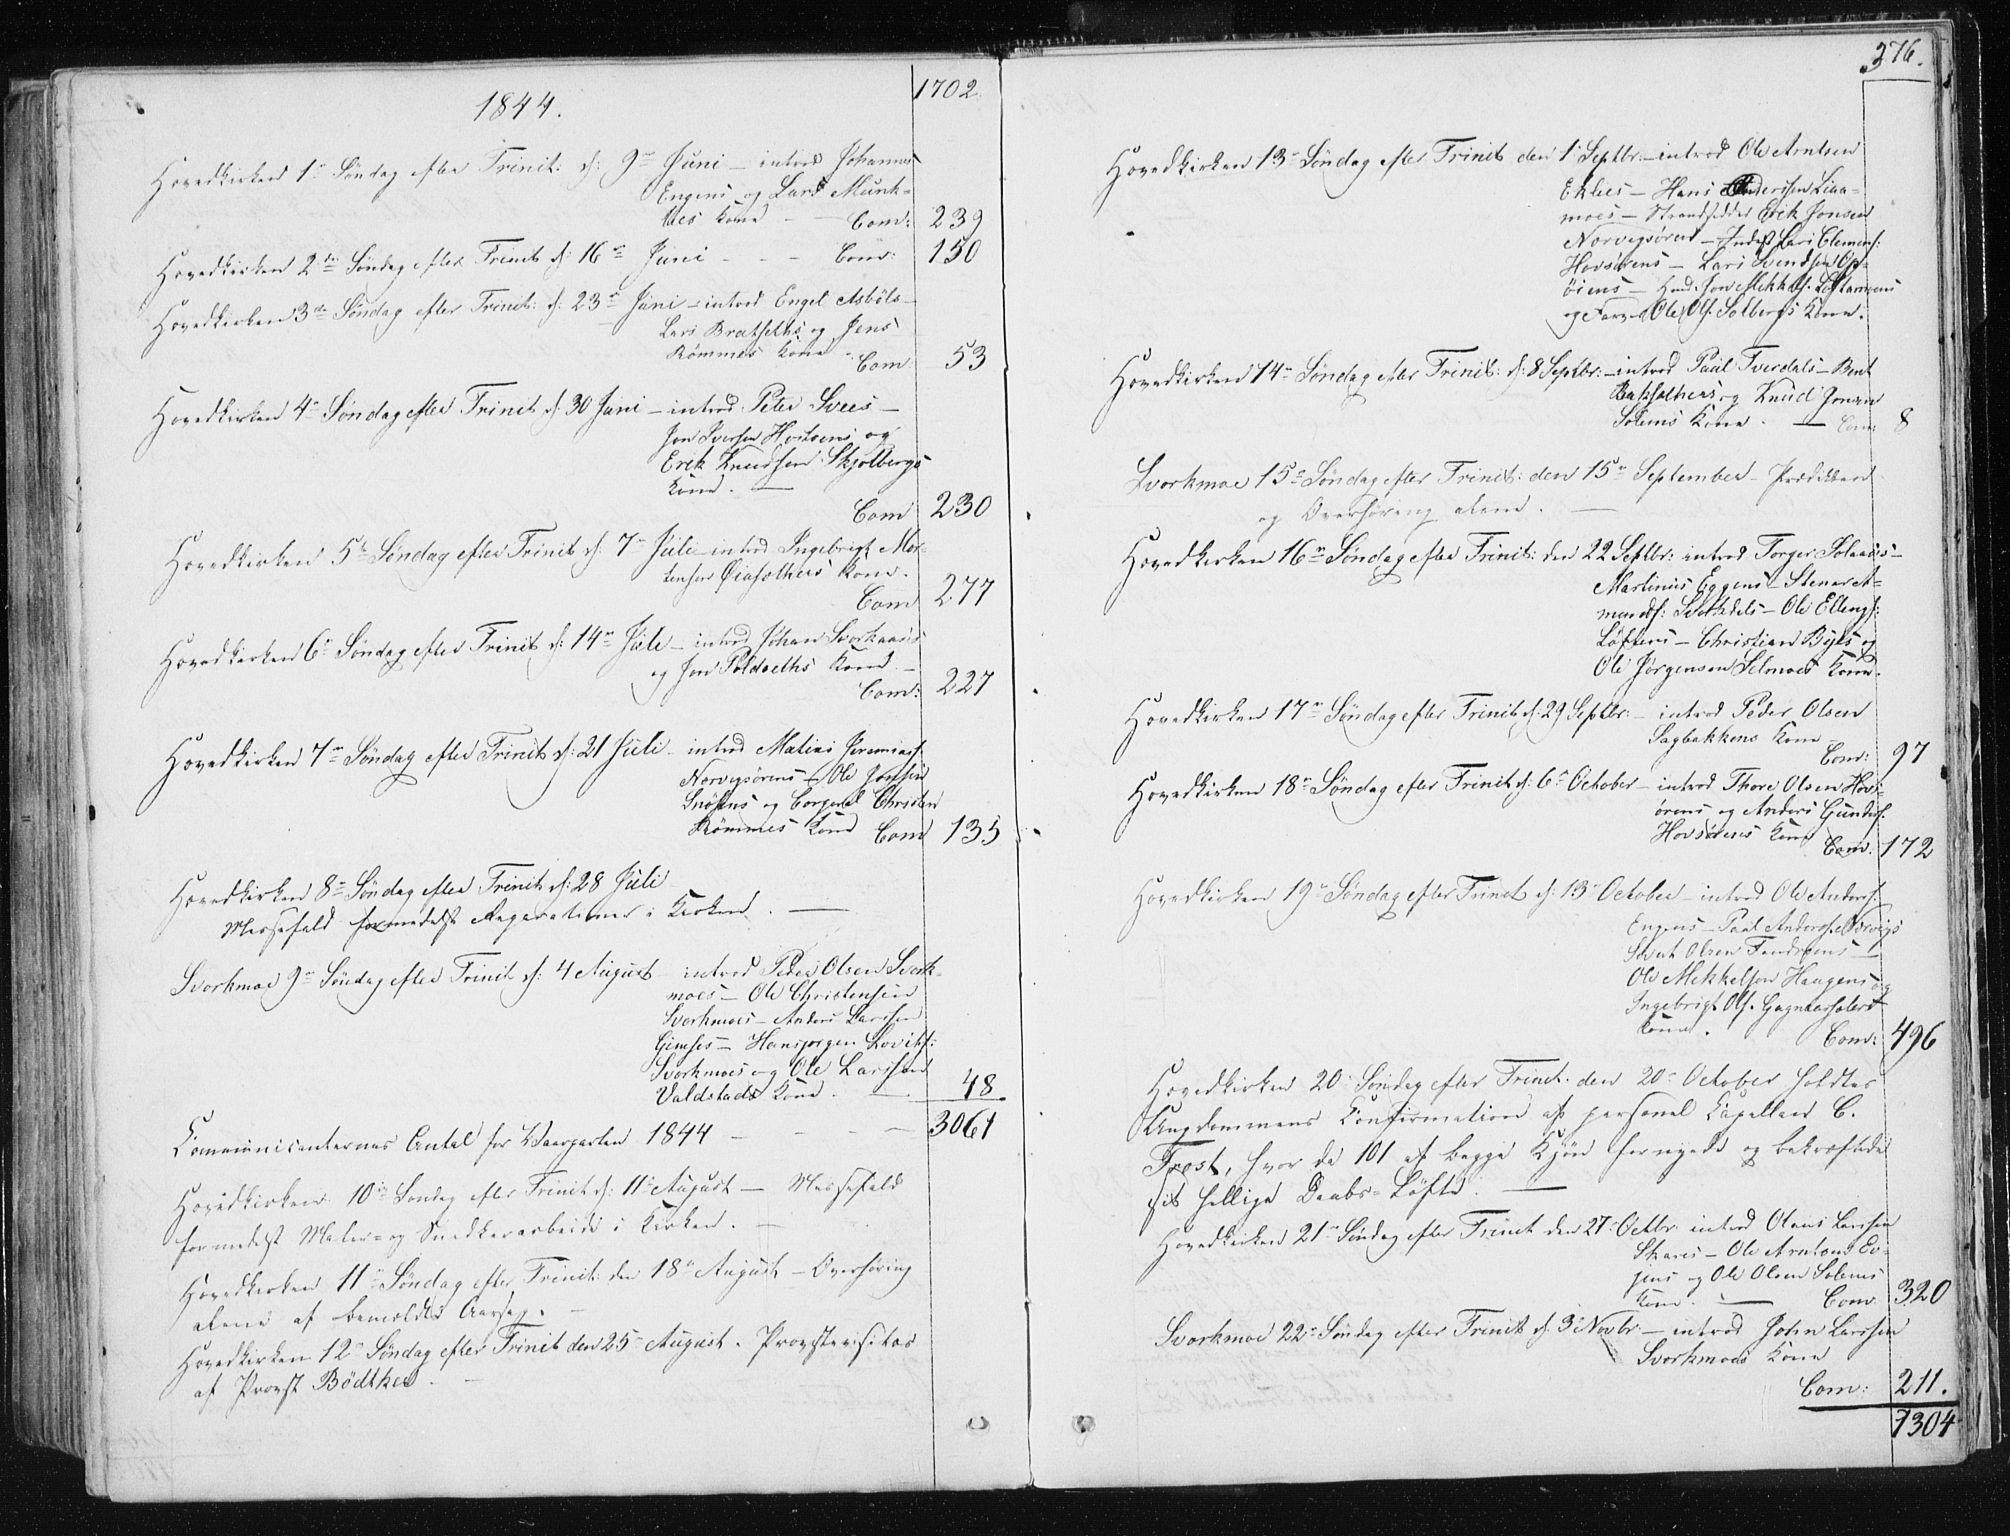 SAT, Ministerialprotokoller, klokkerbøker og fødselsregistre - Sør-Trøndelag, 668/L0805: Ministerialbok nr. 668A05, 1840-1853, s. 376